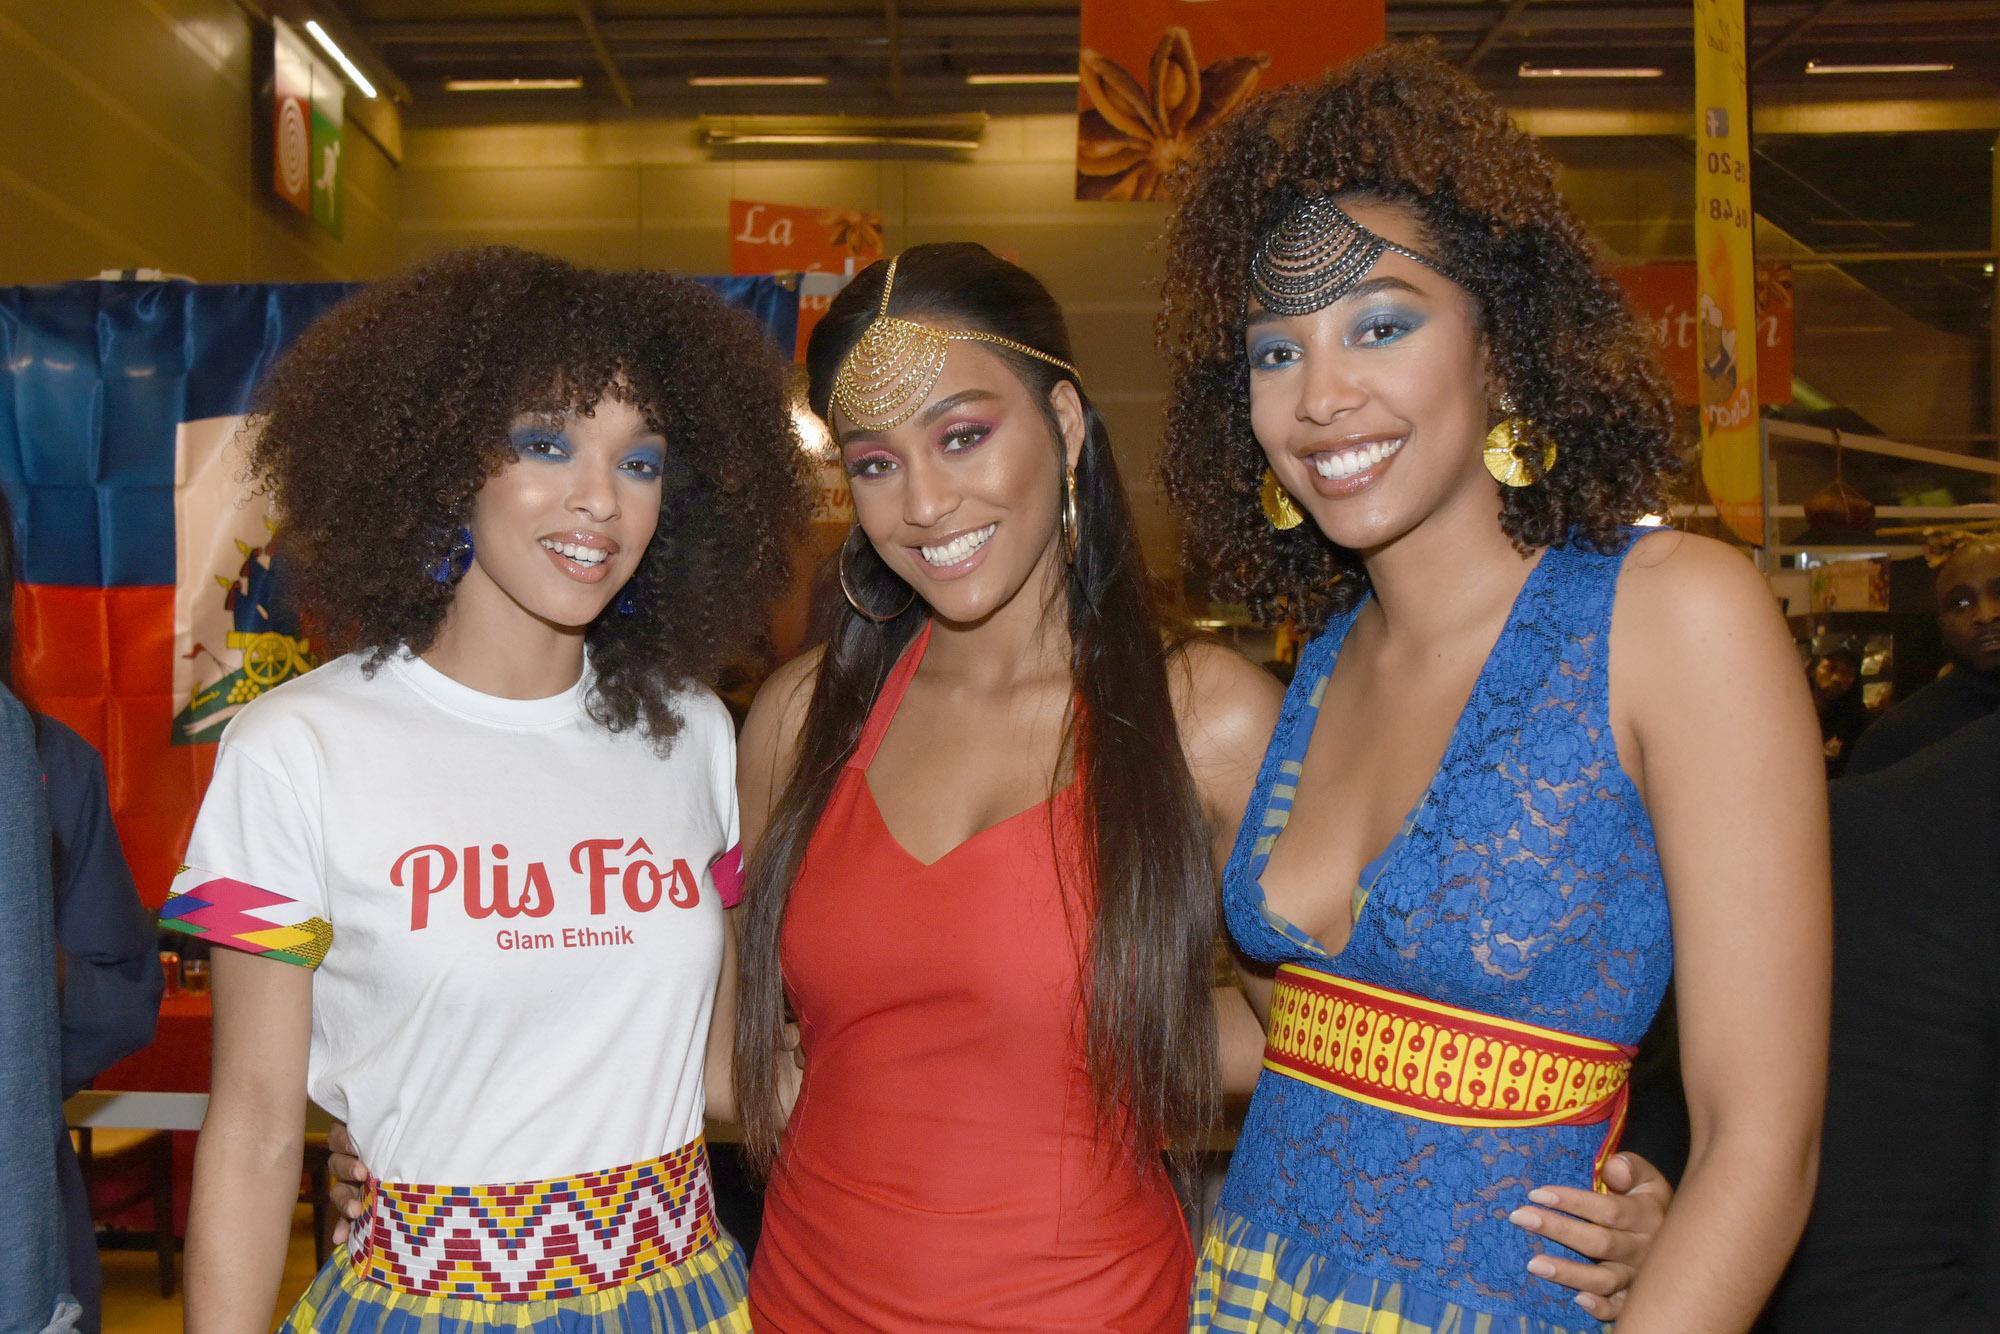 Défilé Glam Ethnik (Ayden). Ophély Mézino (1ère Dauphine Miss France 2019), Morgane Thérésine (3ème Dauphine Miss France 2017) et Chloé Mozar (Miss Guadeloupe 2014).